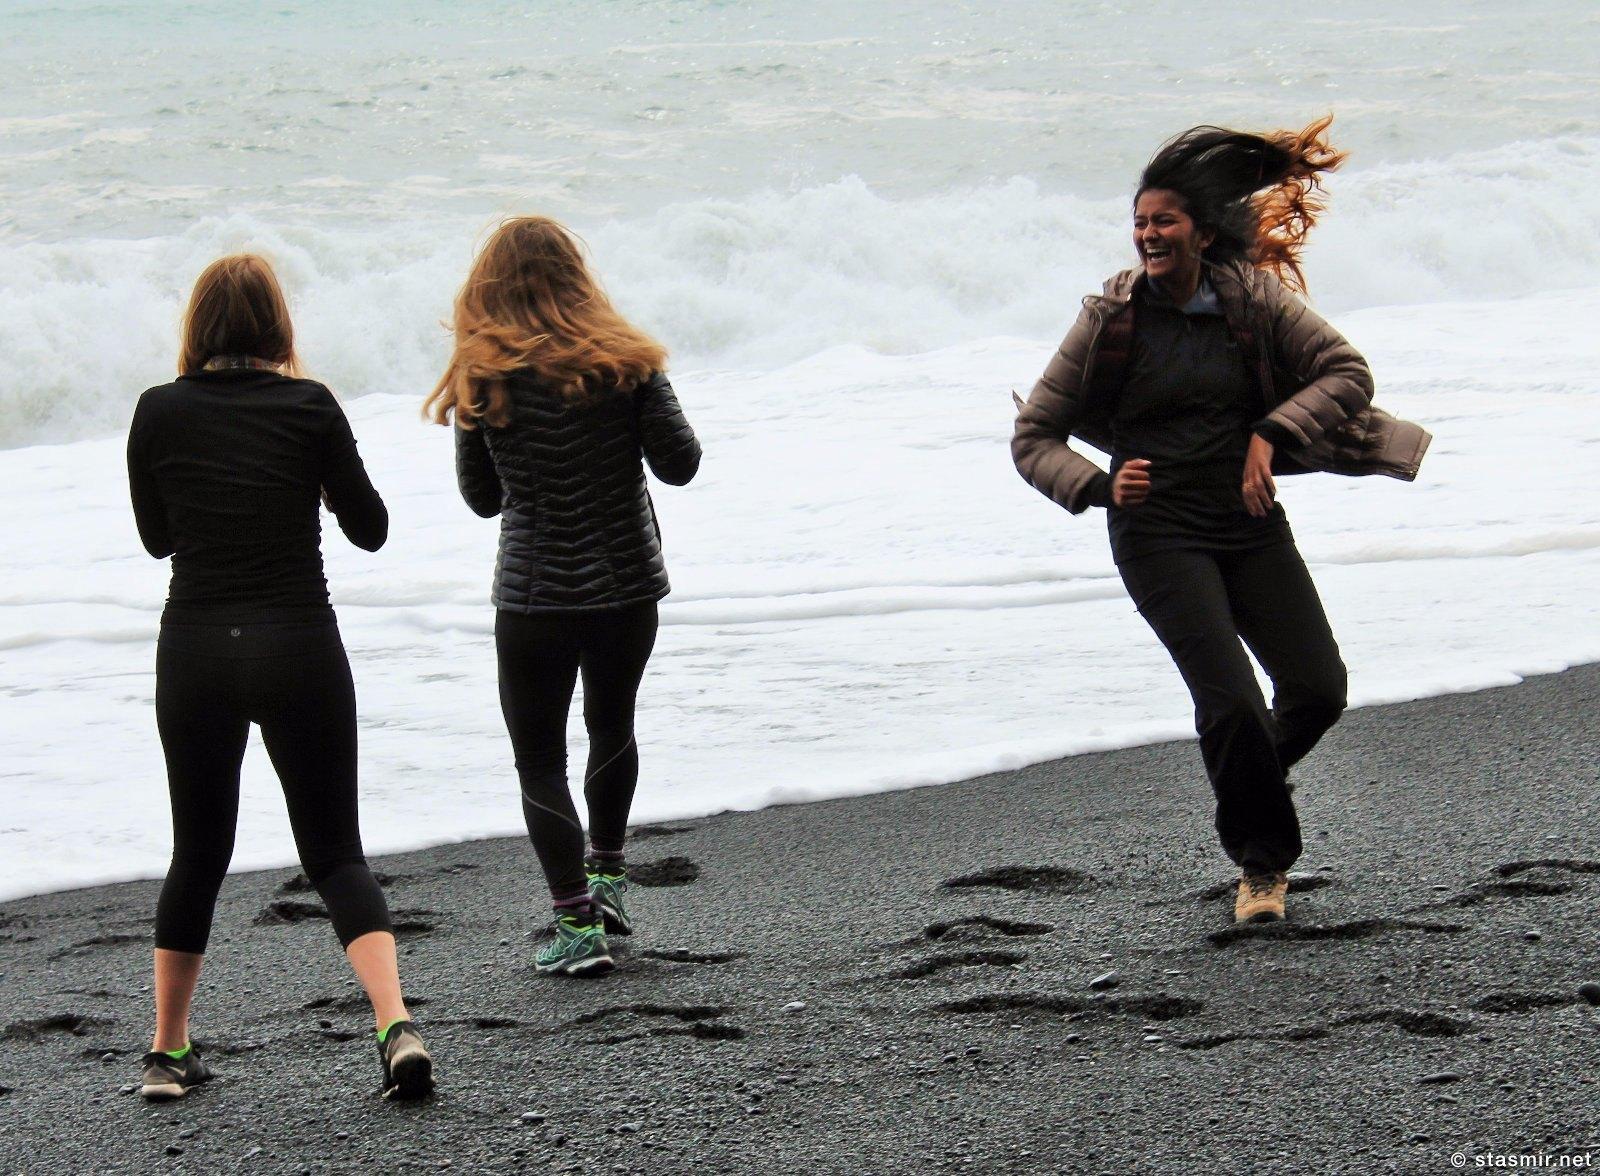 Рейнисфьяра, коса черного песка в Южной Исландии, туристки спасаются от неожиданной волны, фото Стасмир, photo Stasmir